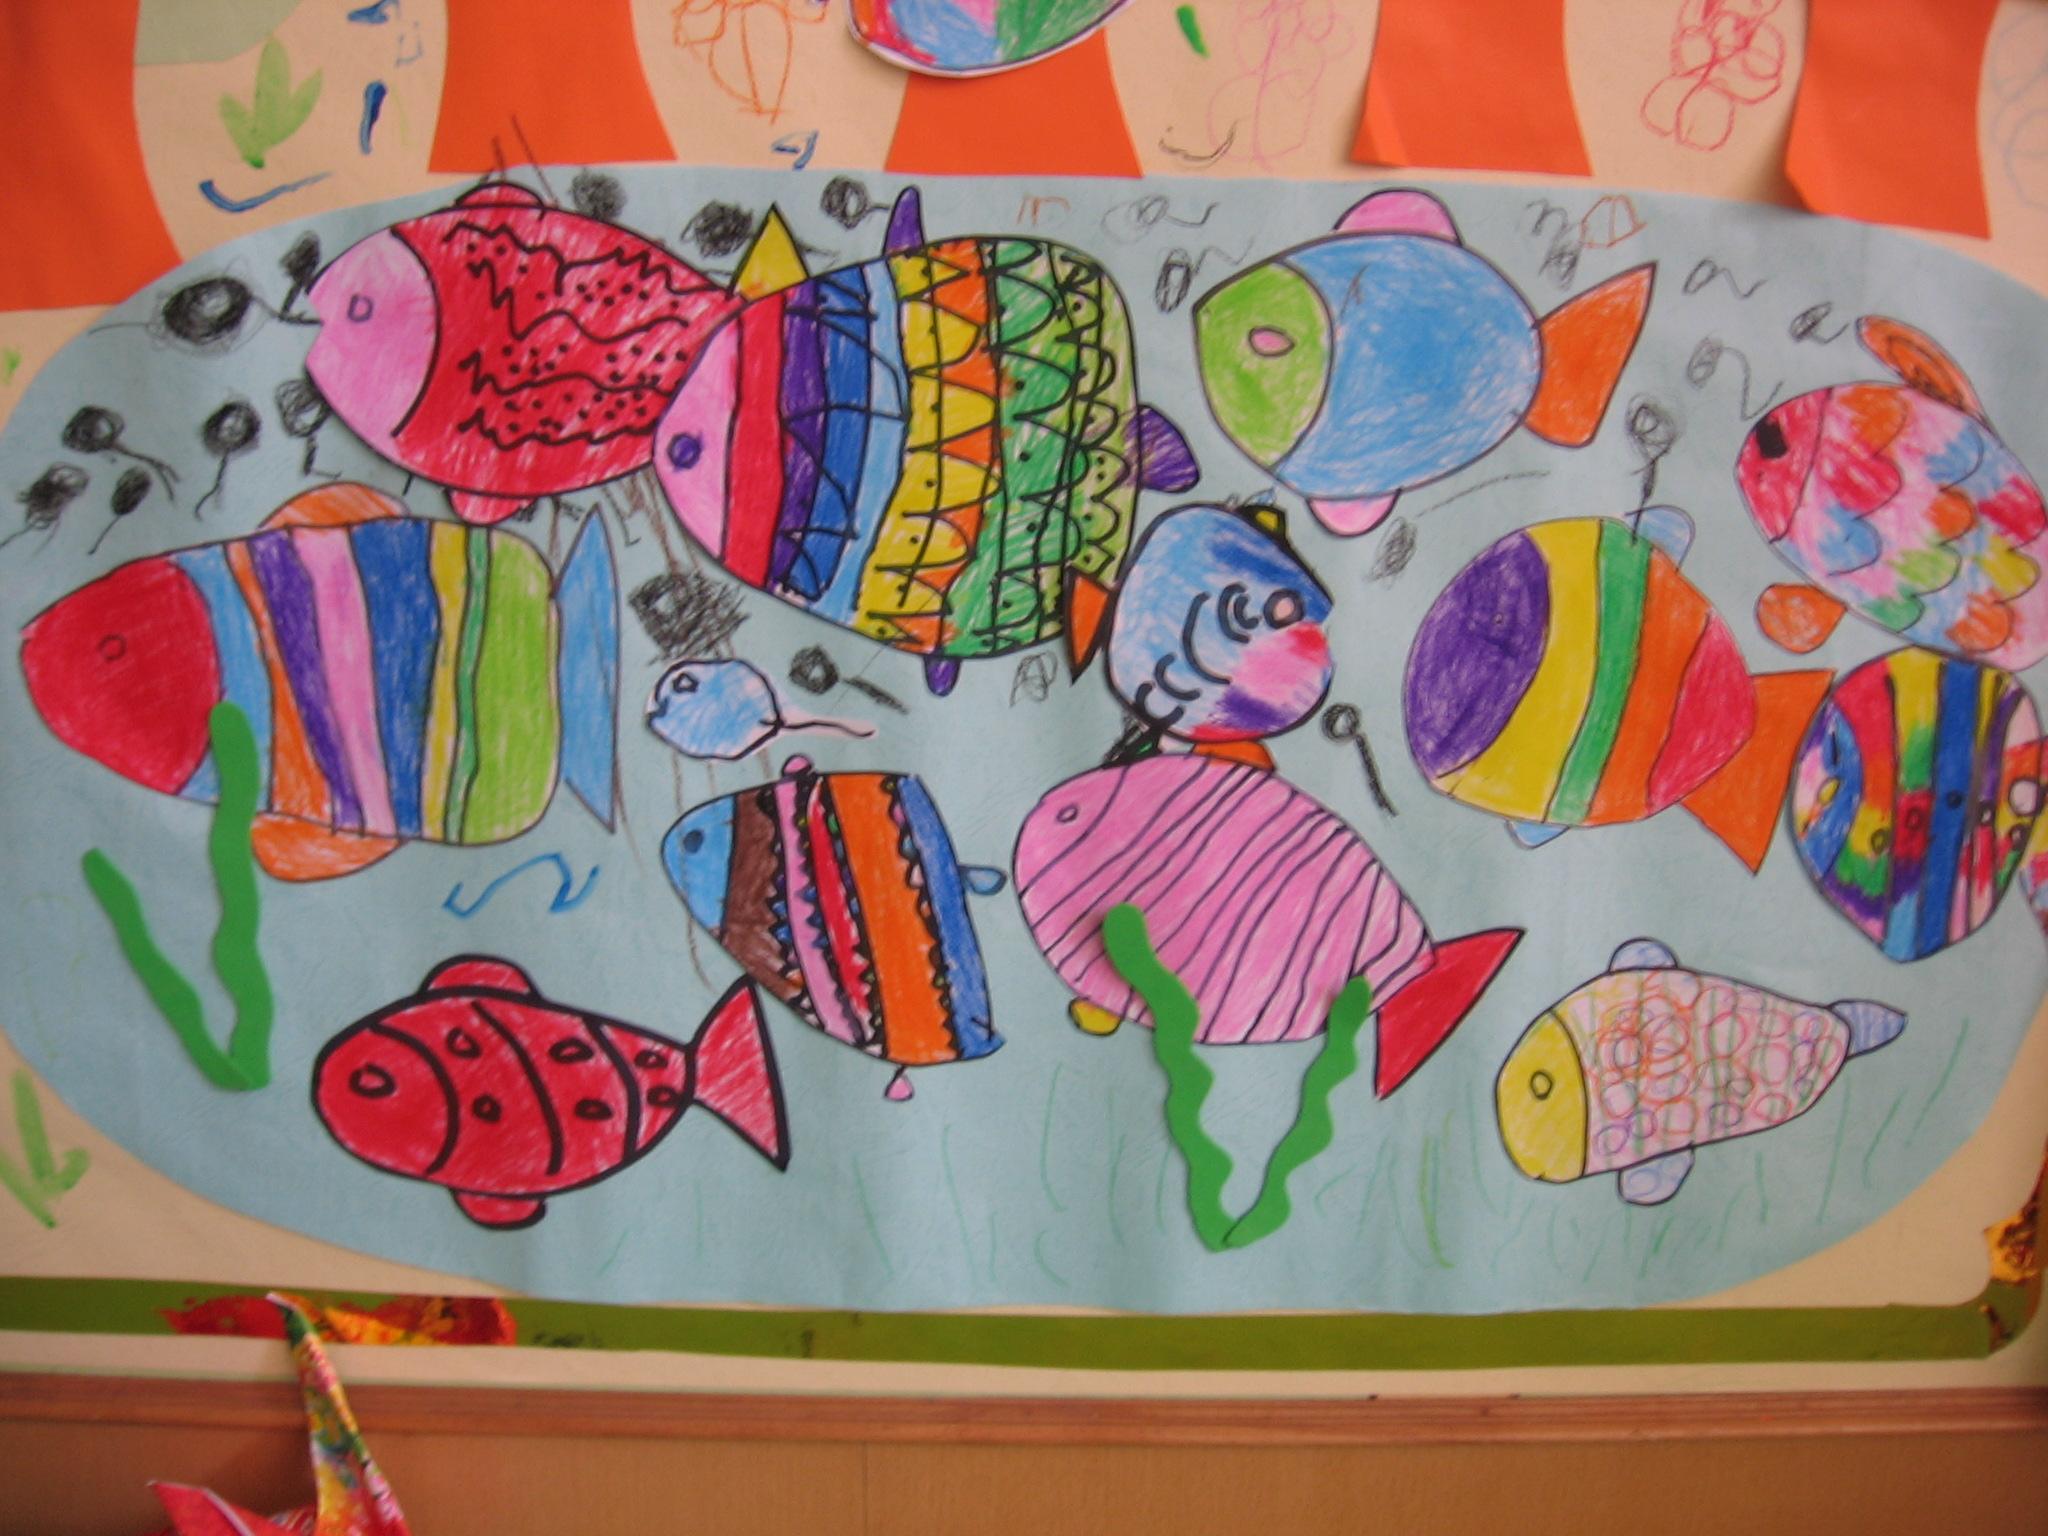 画难点: 小鱼的轮廓画起来相对比较简单,因此活动的难点就是引导幼儿图片